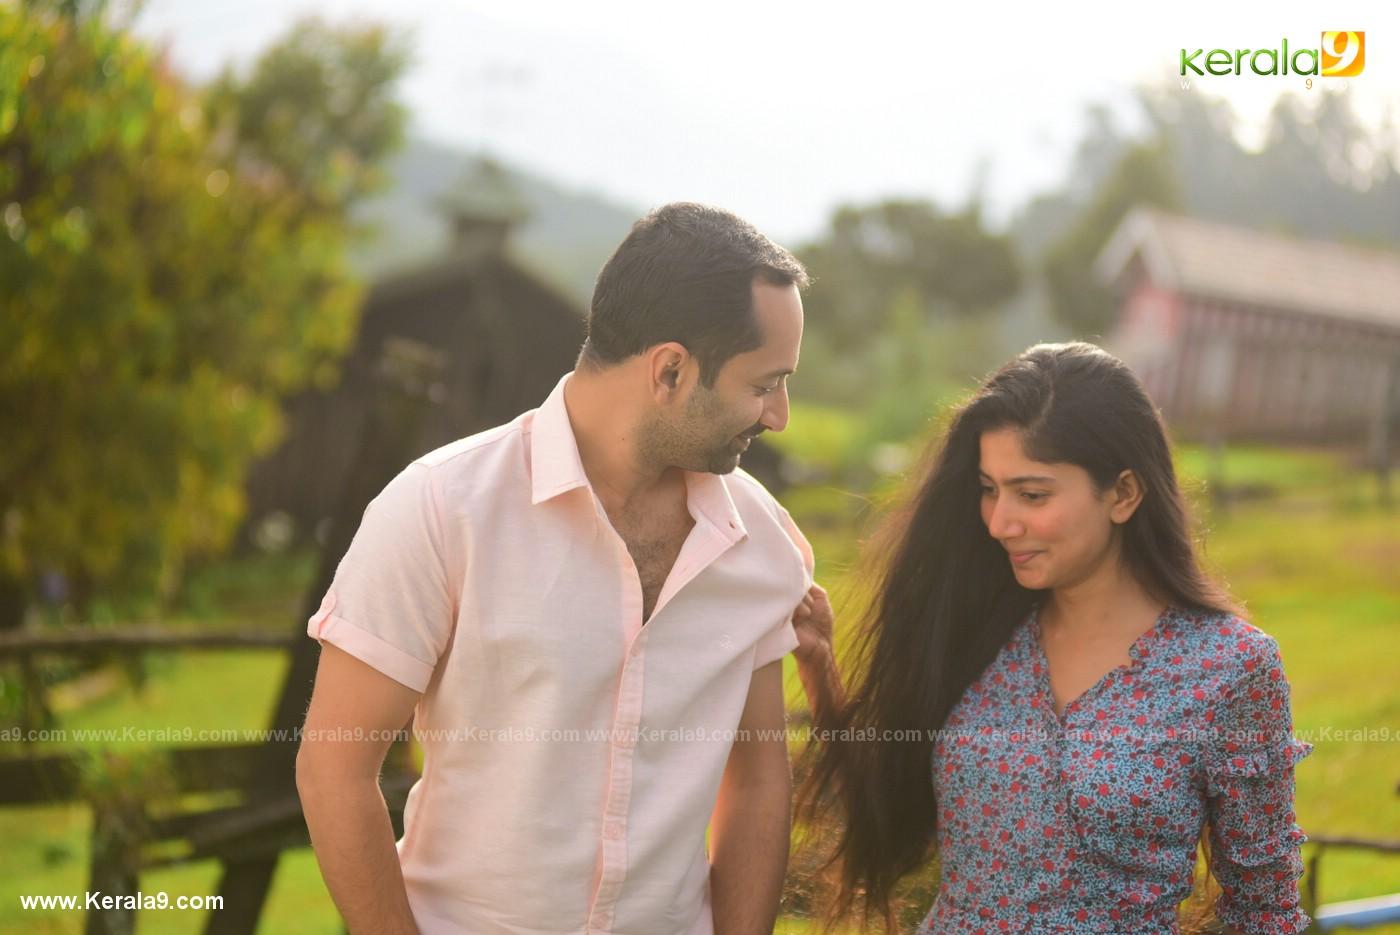 athiran malayalam movie photos 13 - Kerala9.com